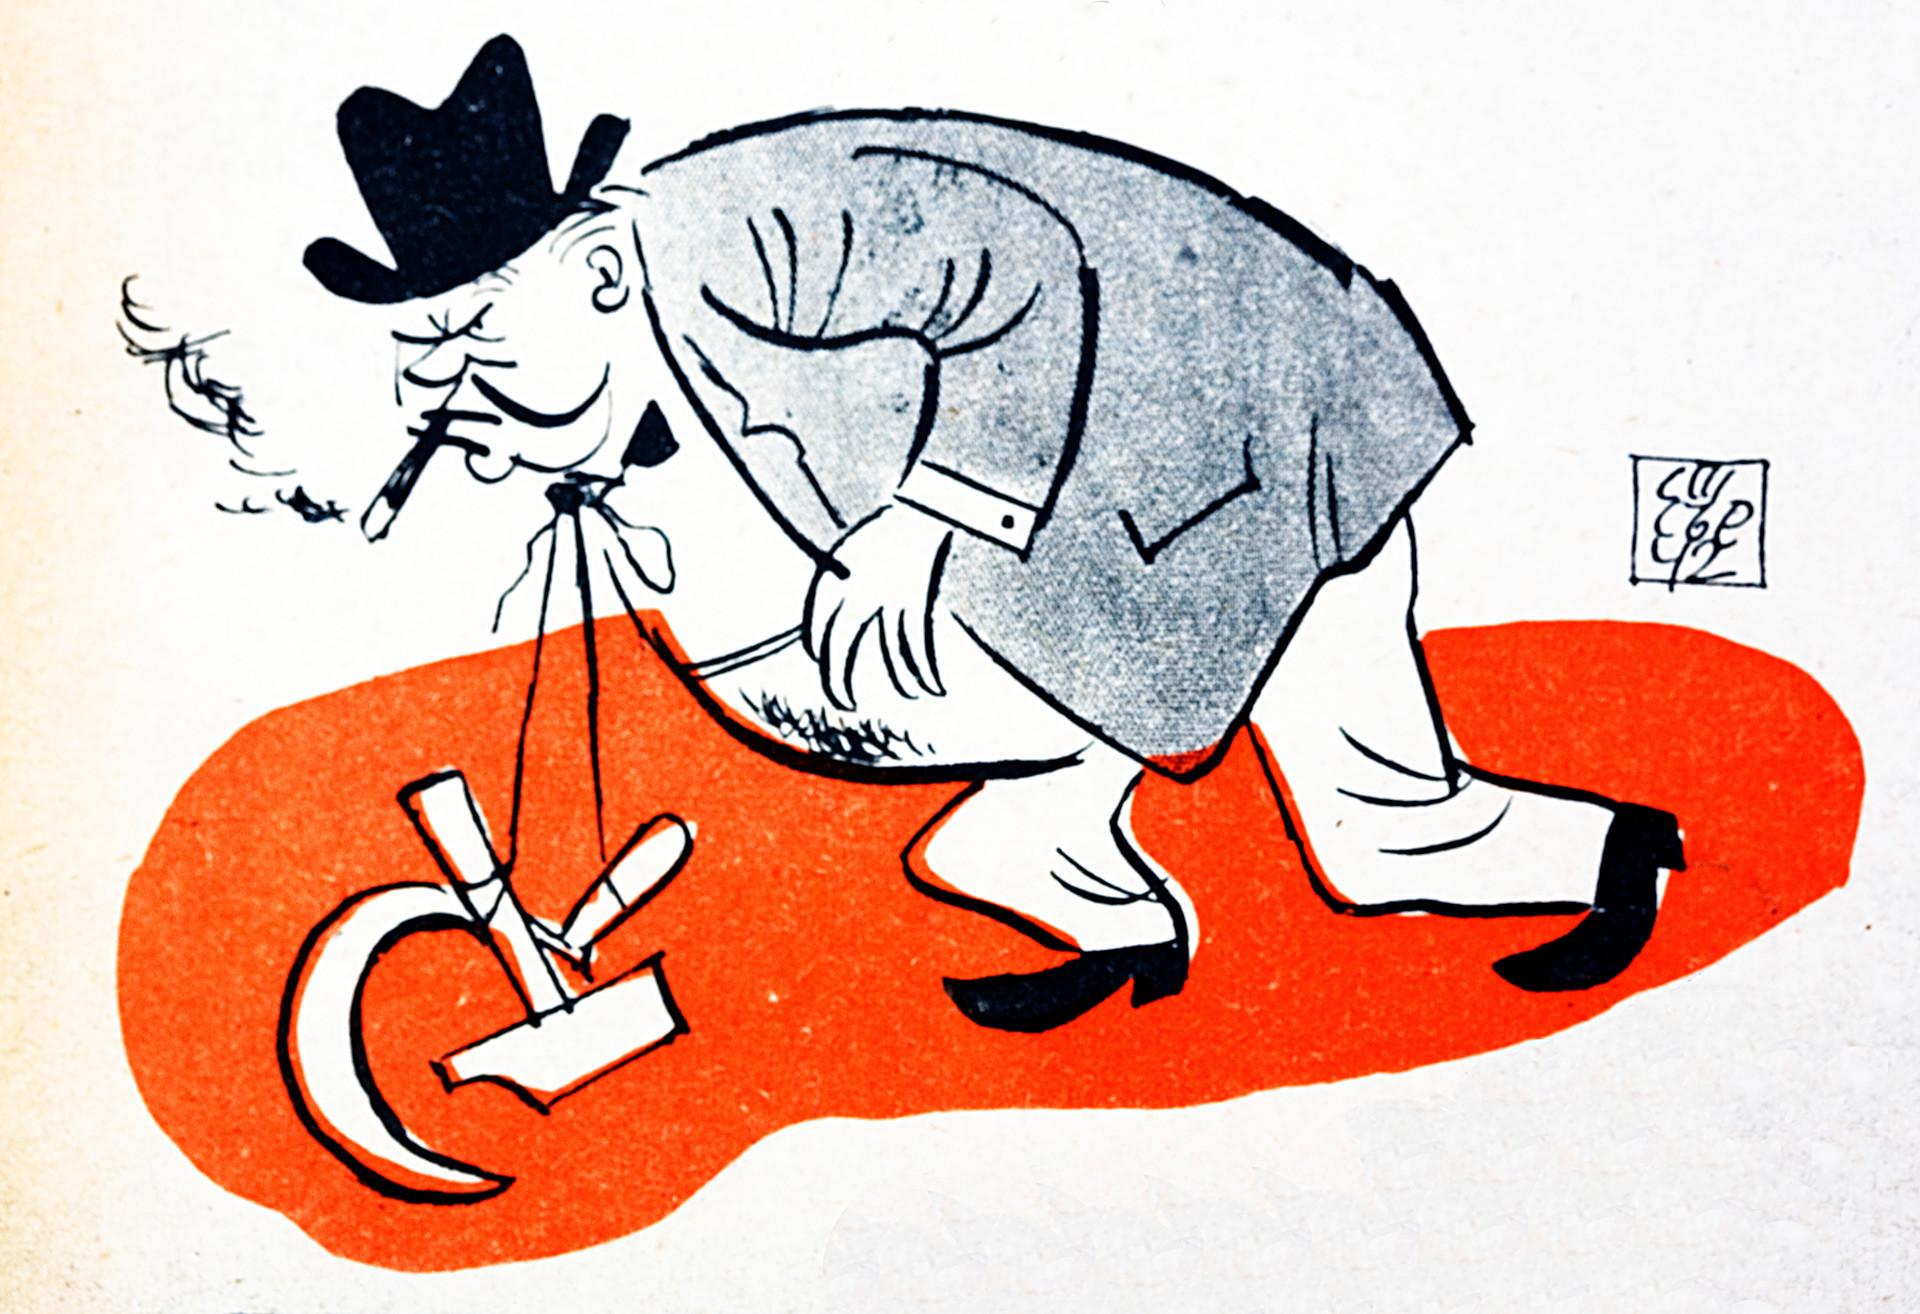 Карикатура на Чърчил със сърп и чук, символизираща съюза с Русия. Взета от българско про-нацистко издание от перода преди преминаването на България на страната на СССР през ВСВ